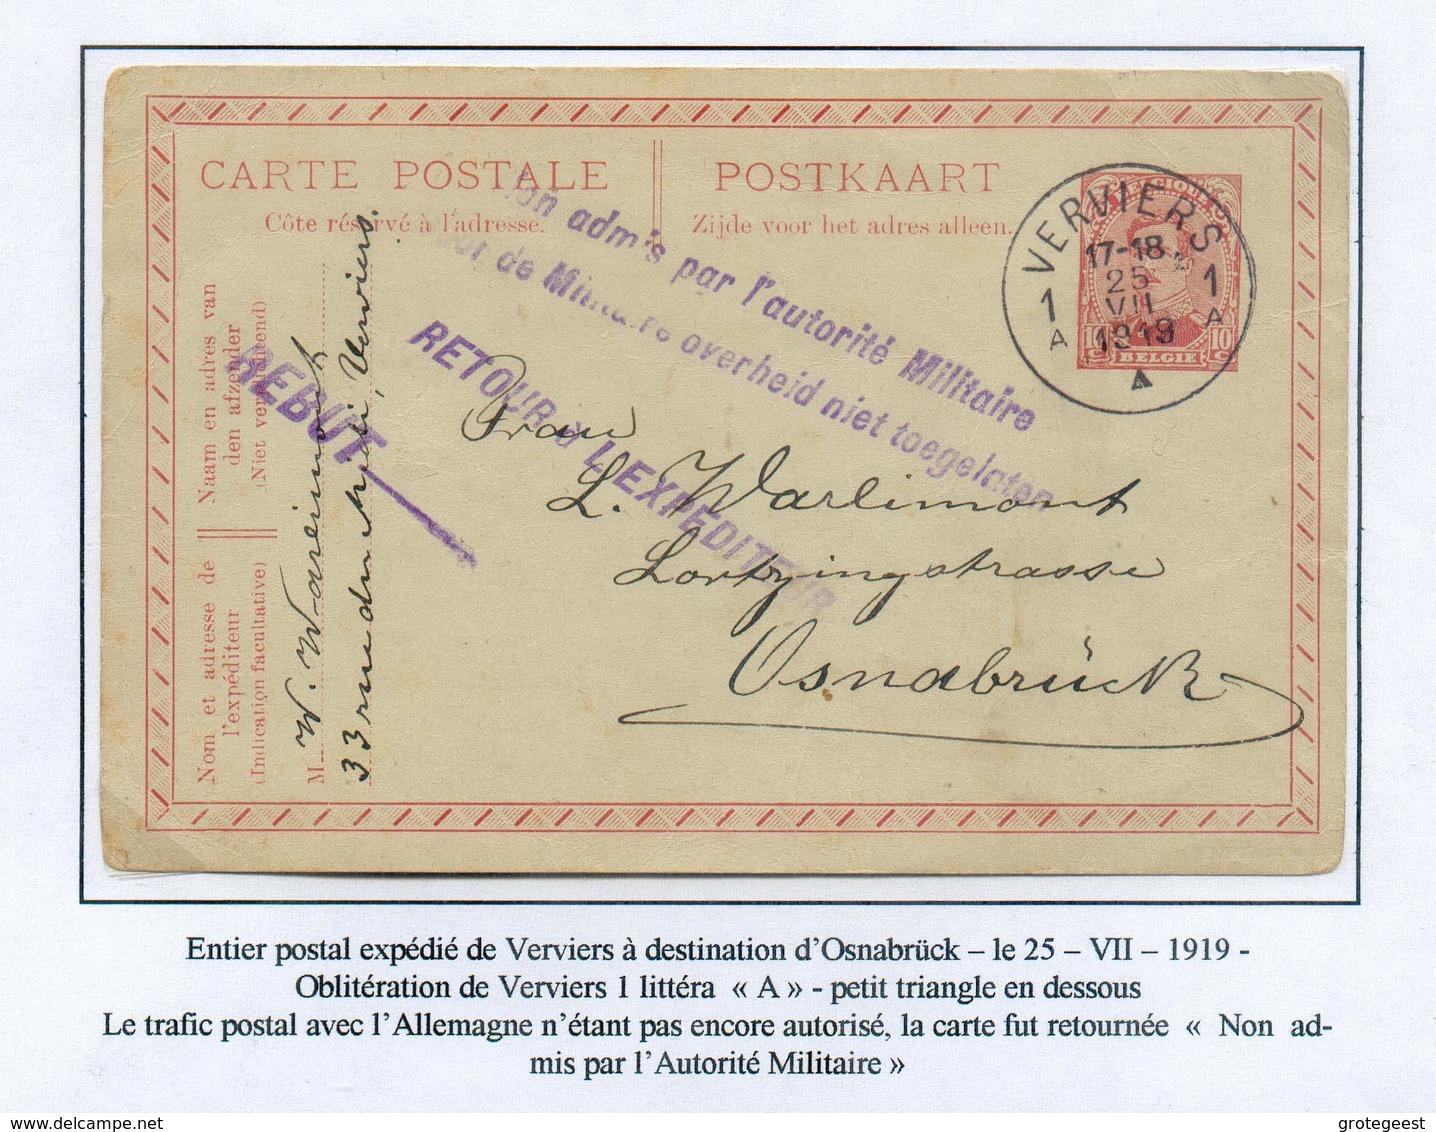 COLLECTION DE VERVIERS -  E.P. Carte 10c. Obl. Sc VERVIERS 1 Vers Osnabruck 25-7-19 + Griffe Violette NON ADMIS PAR L'AU - Stamped Stationery